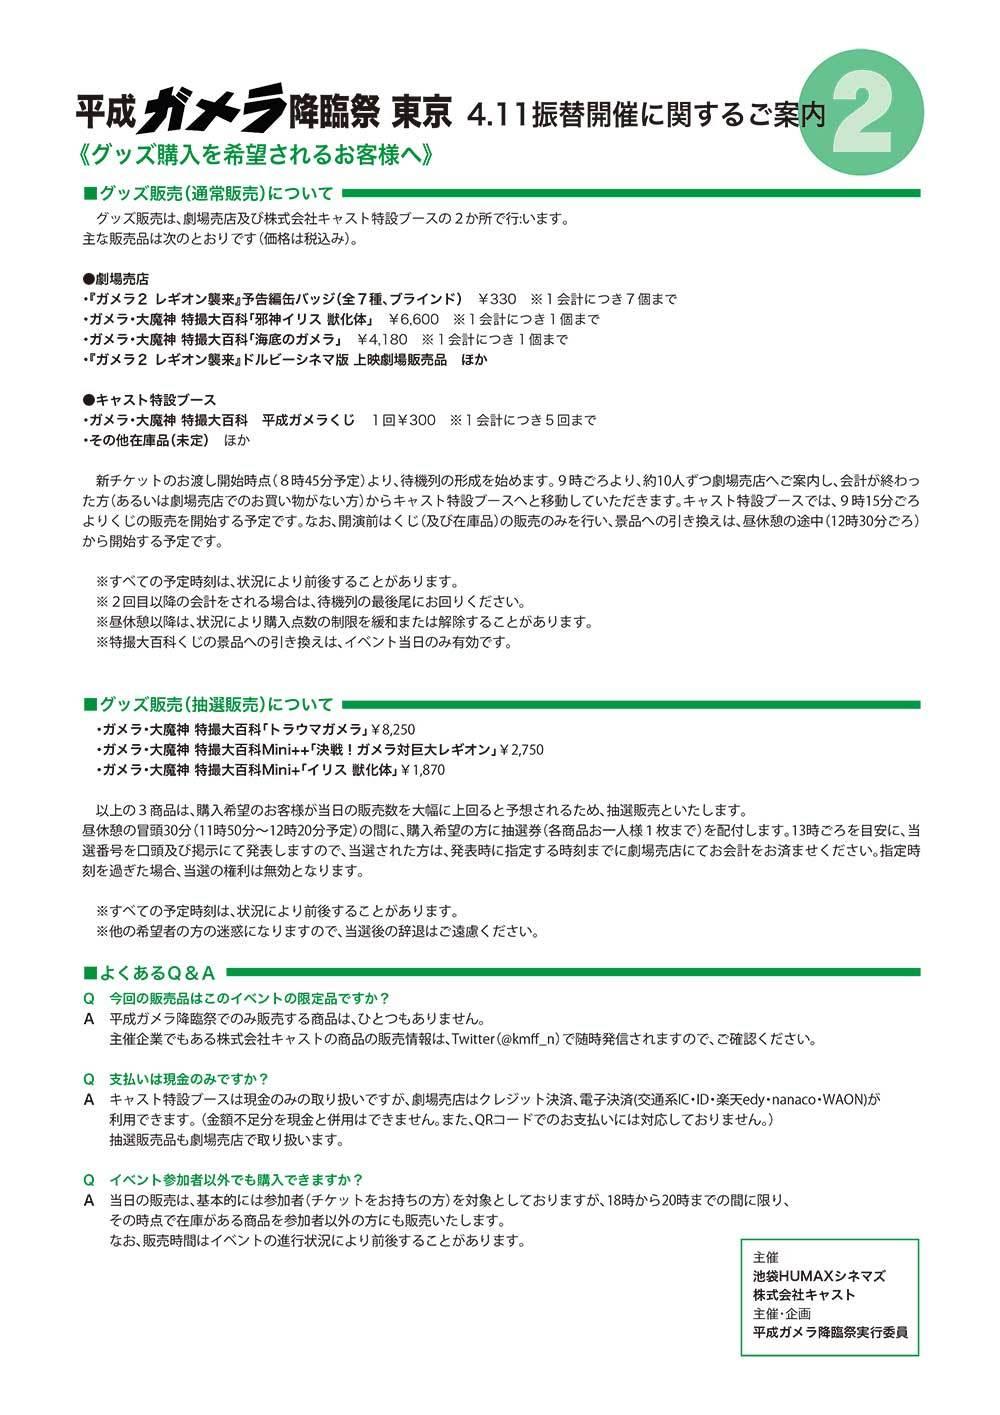 平成ガメラ降臨祭 東京 会場物販のご案内_a0180302_21012209.jpg